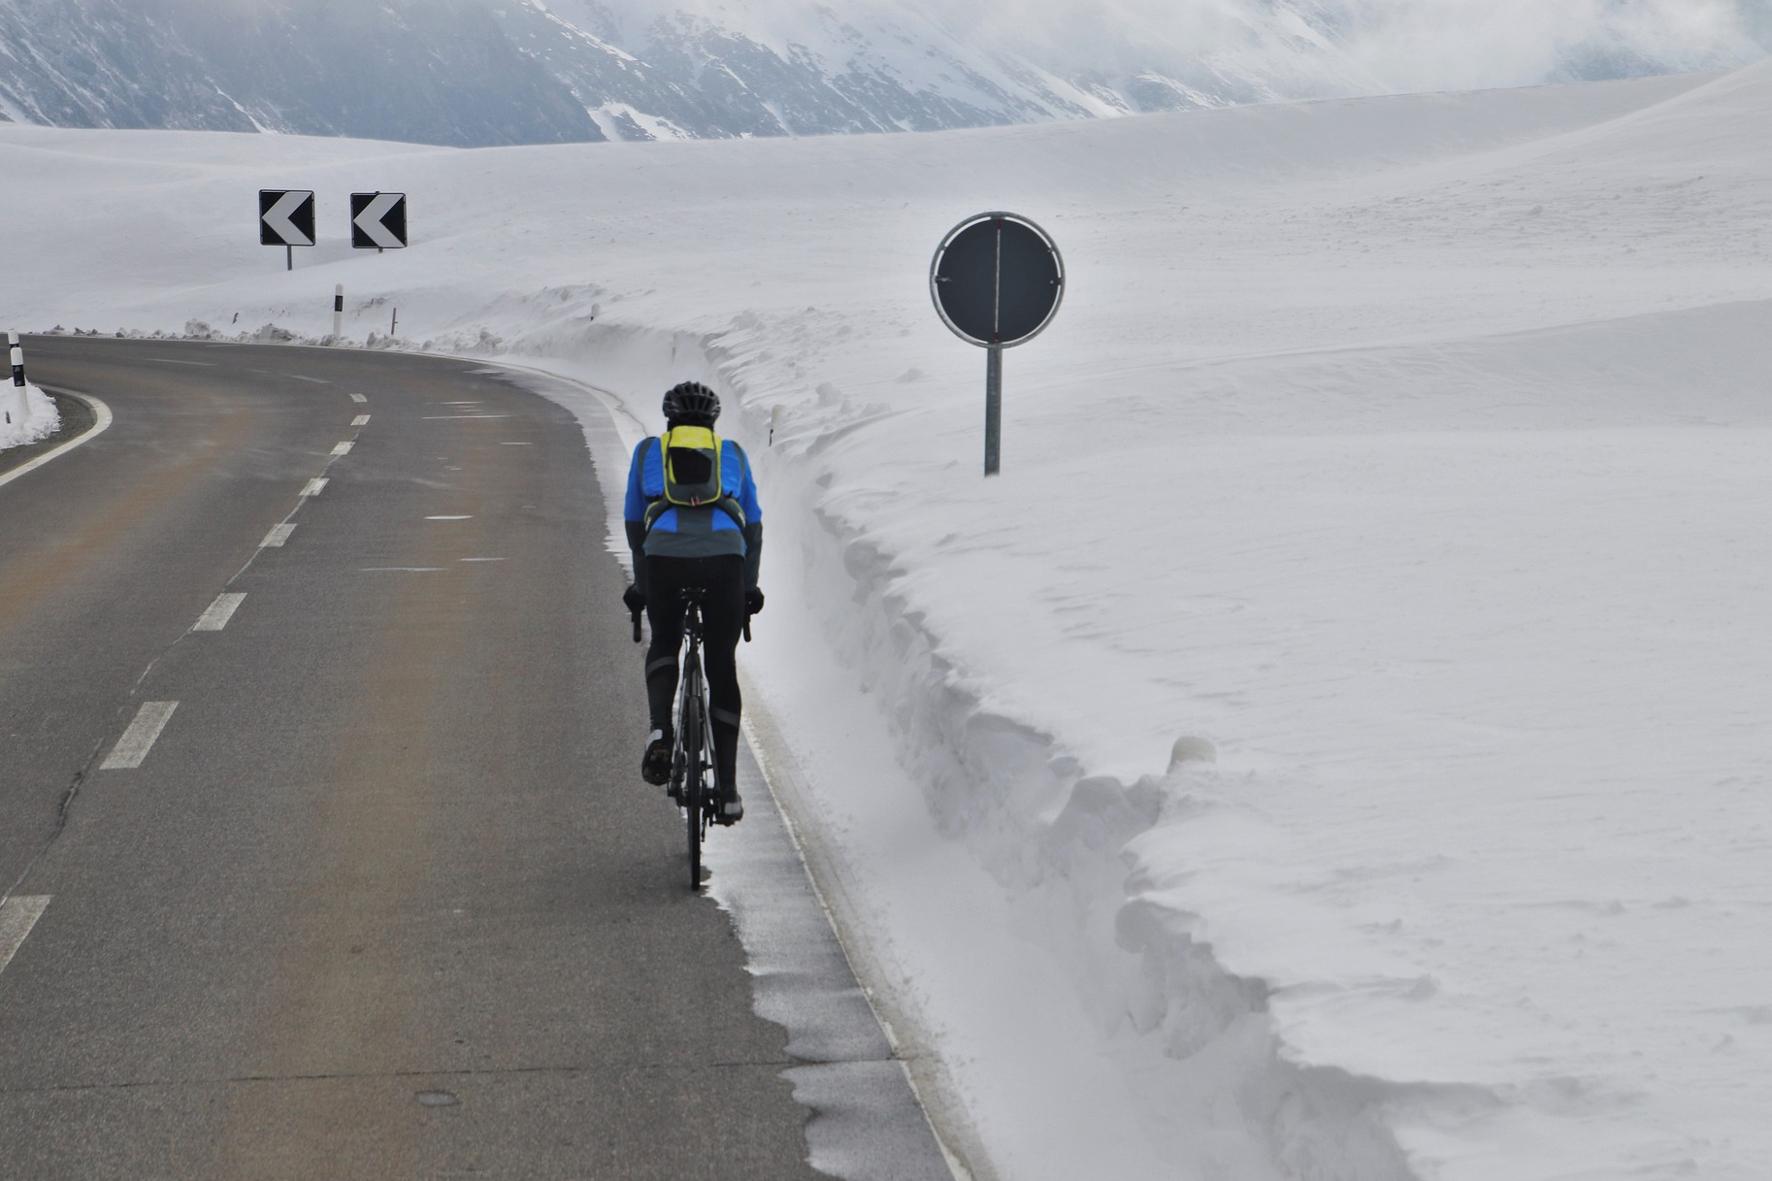 mid Groß-Gerau - Fahrrad-Touren im Winter haben viele positive Effekte. Pixabay/pasja1000